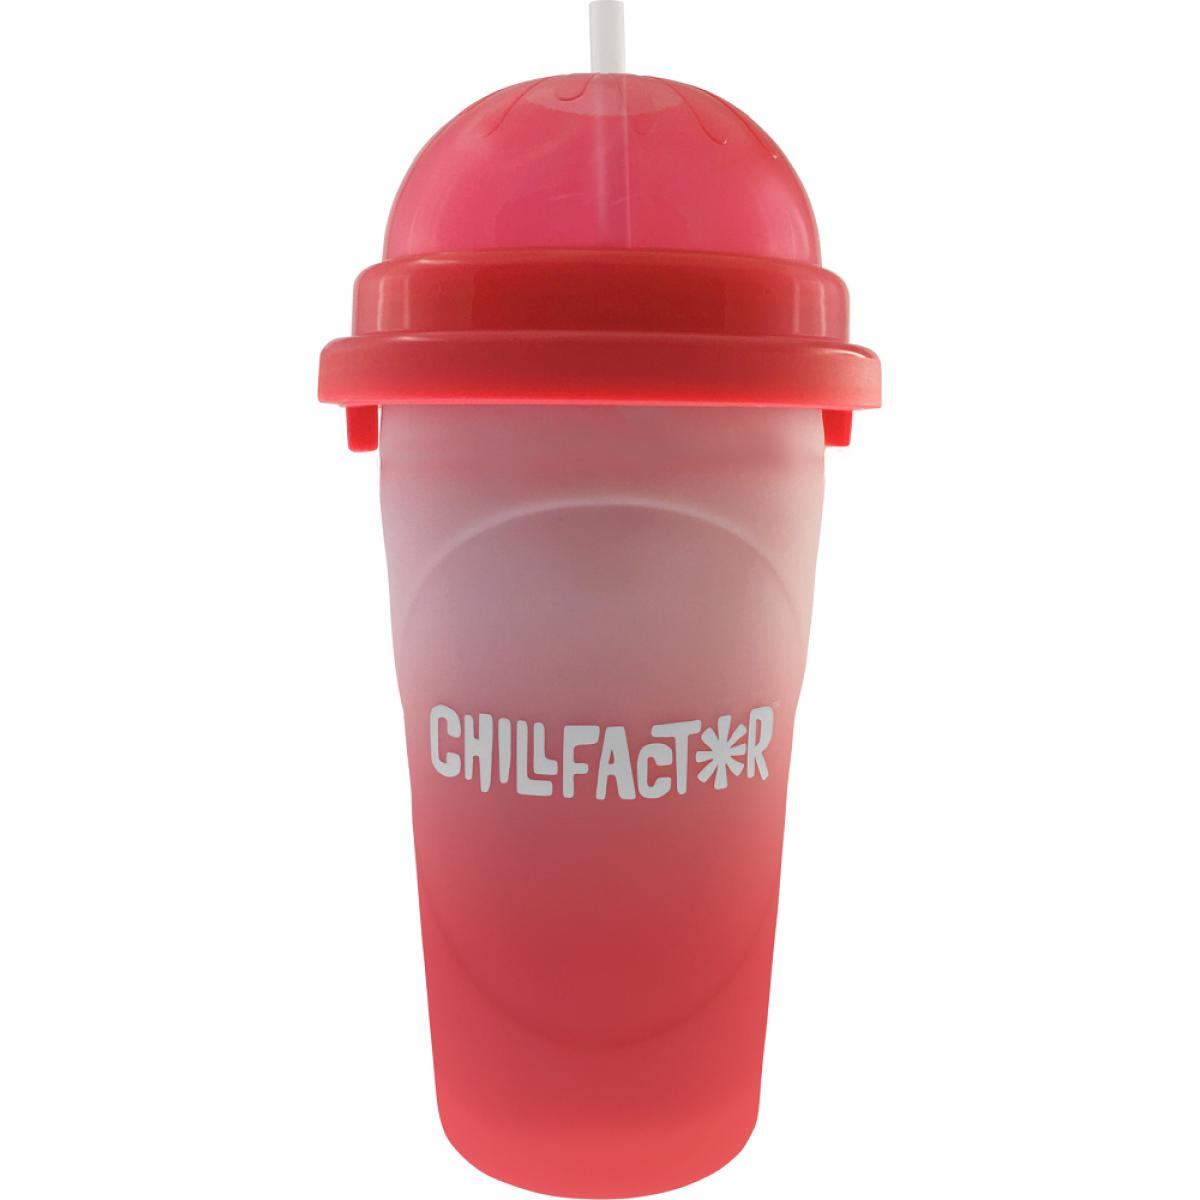 Chillfactor Výroba ledové tříště Color change - Červená